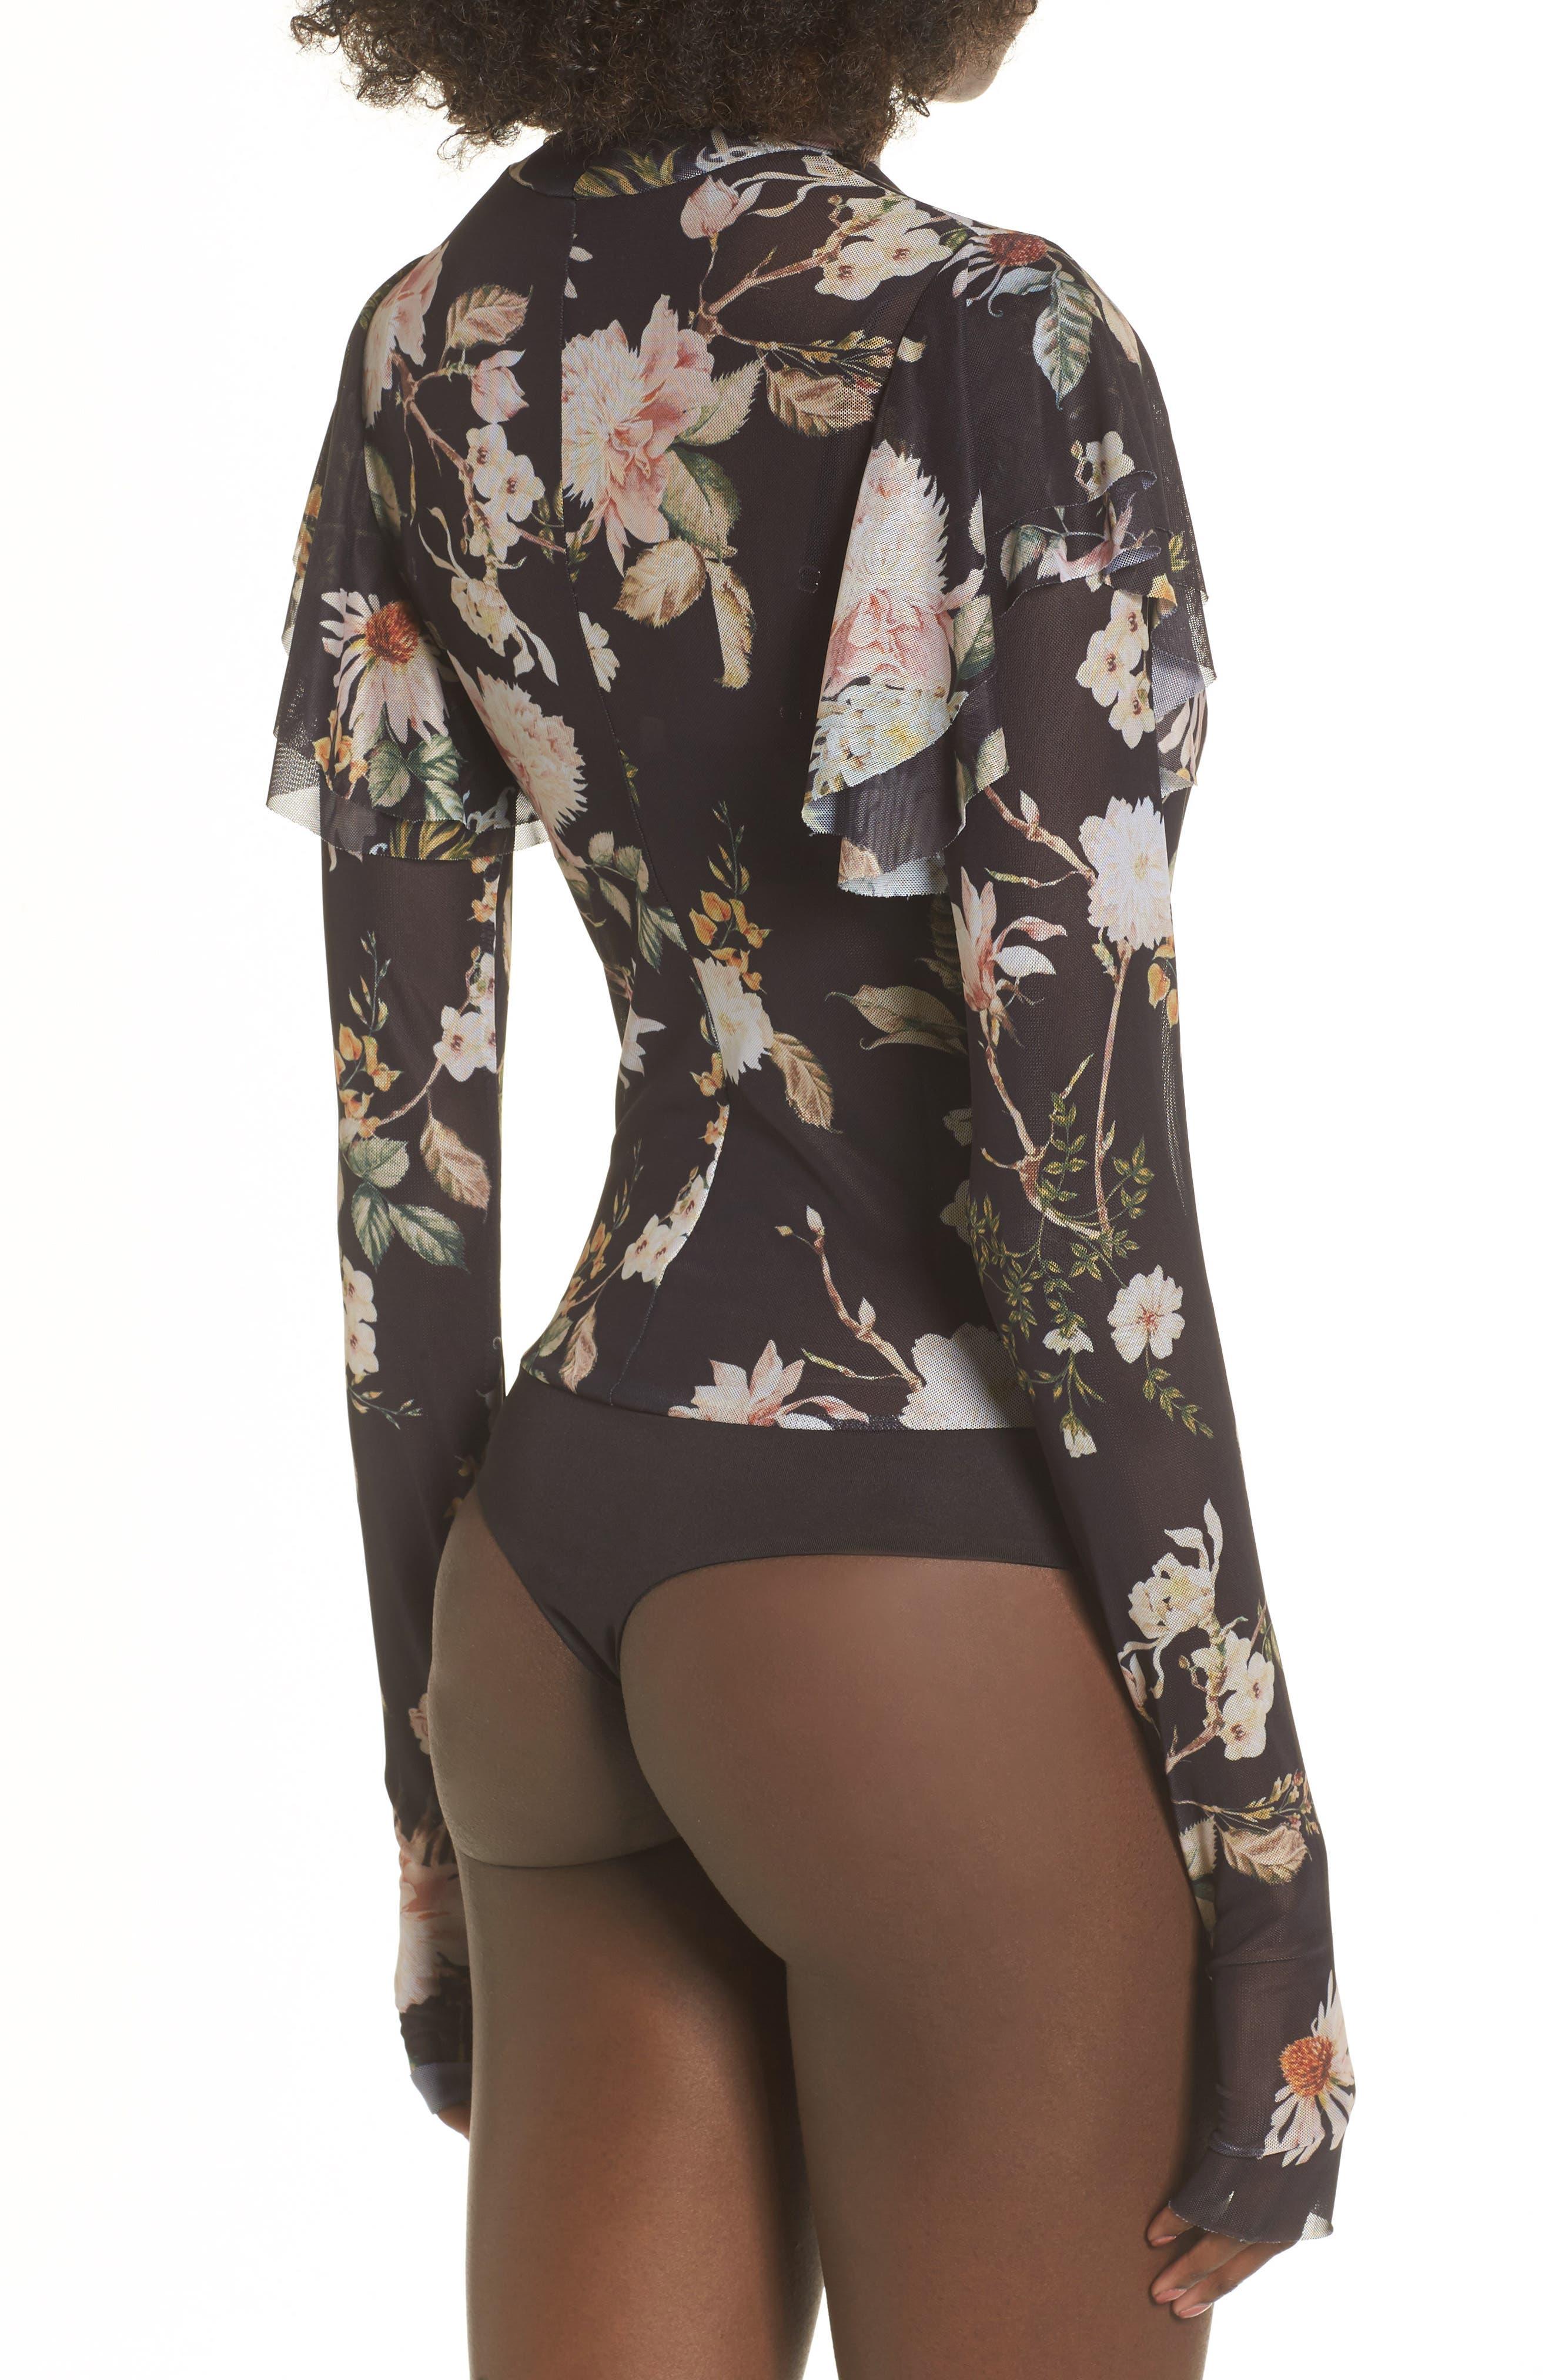 Esme Ruffle Mesh Bodysuit,                             Alternate thumbnail 2, color,                             Noir Floral